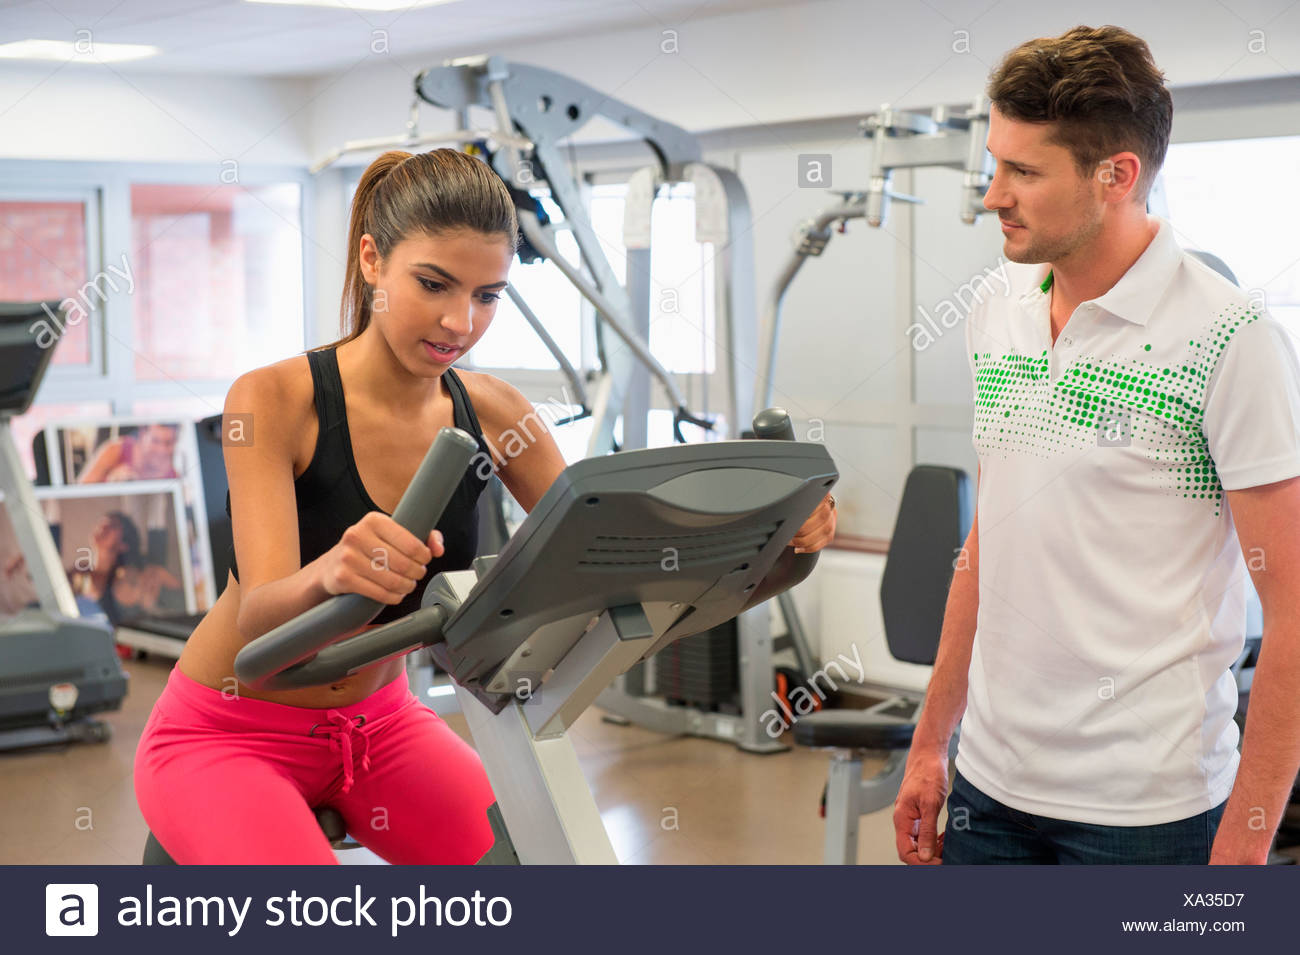 Instructor de una mujer en clase de spinning en el gimnasio Imagen De Stock